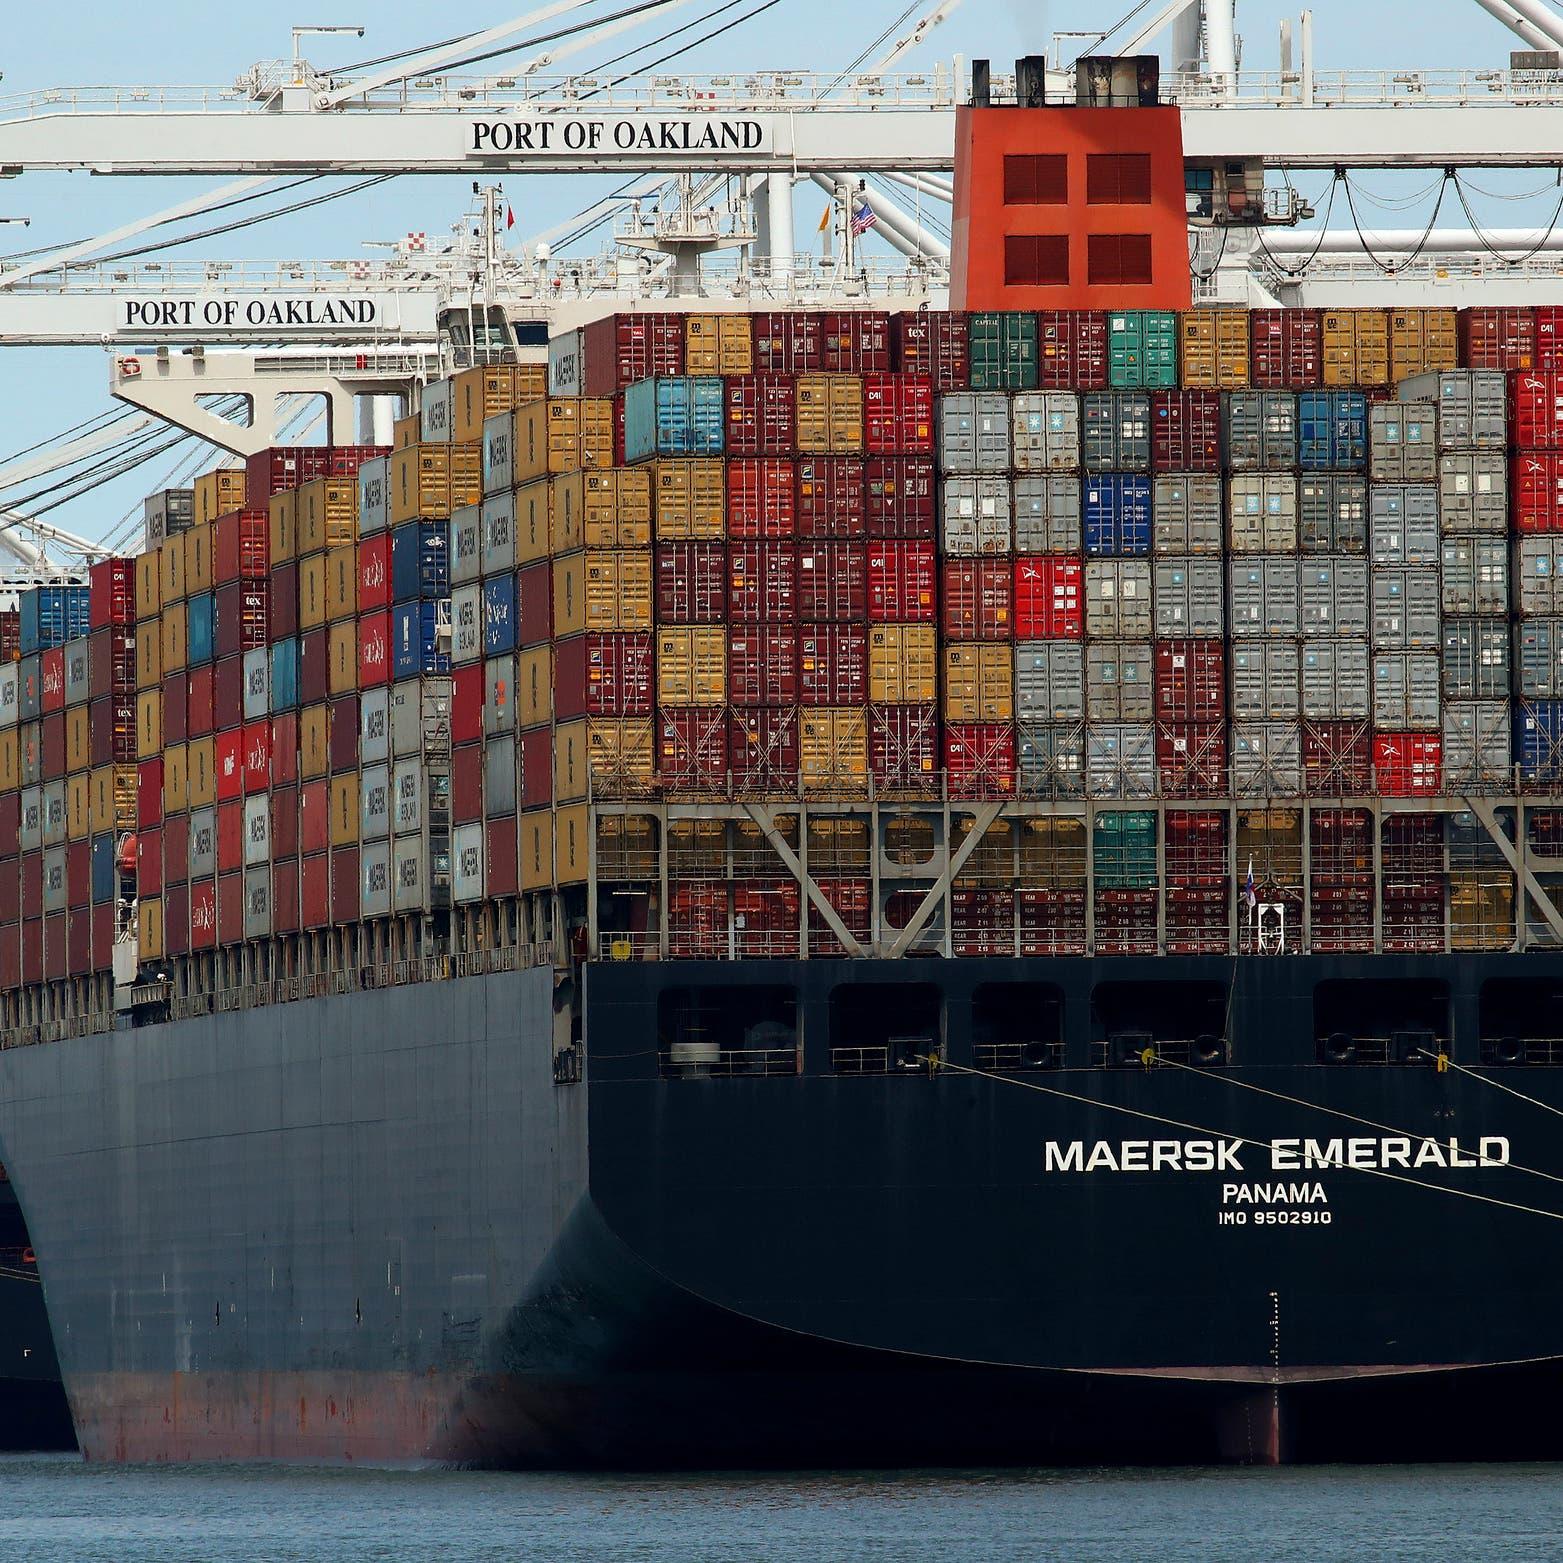 السعودية تمنح ترخيصاً لأكبر شركة لسفن الحاويات في العالم